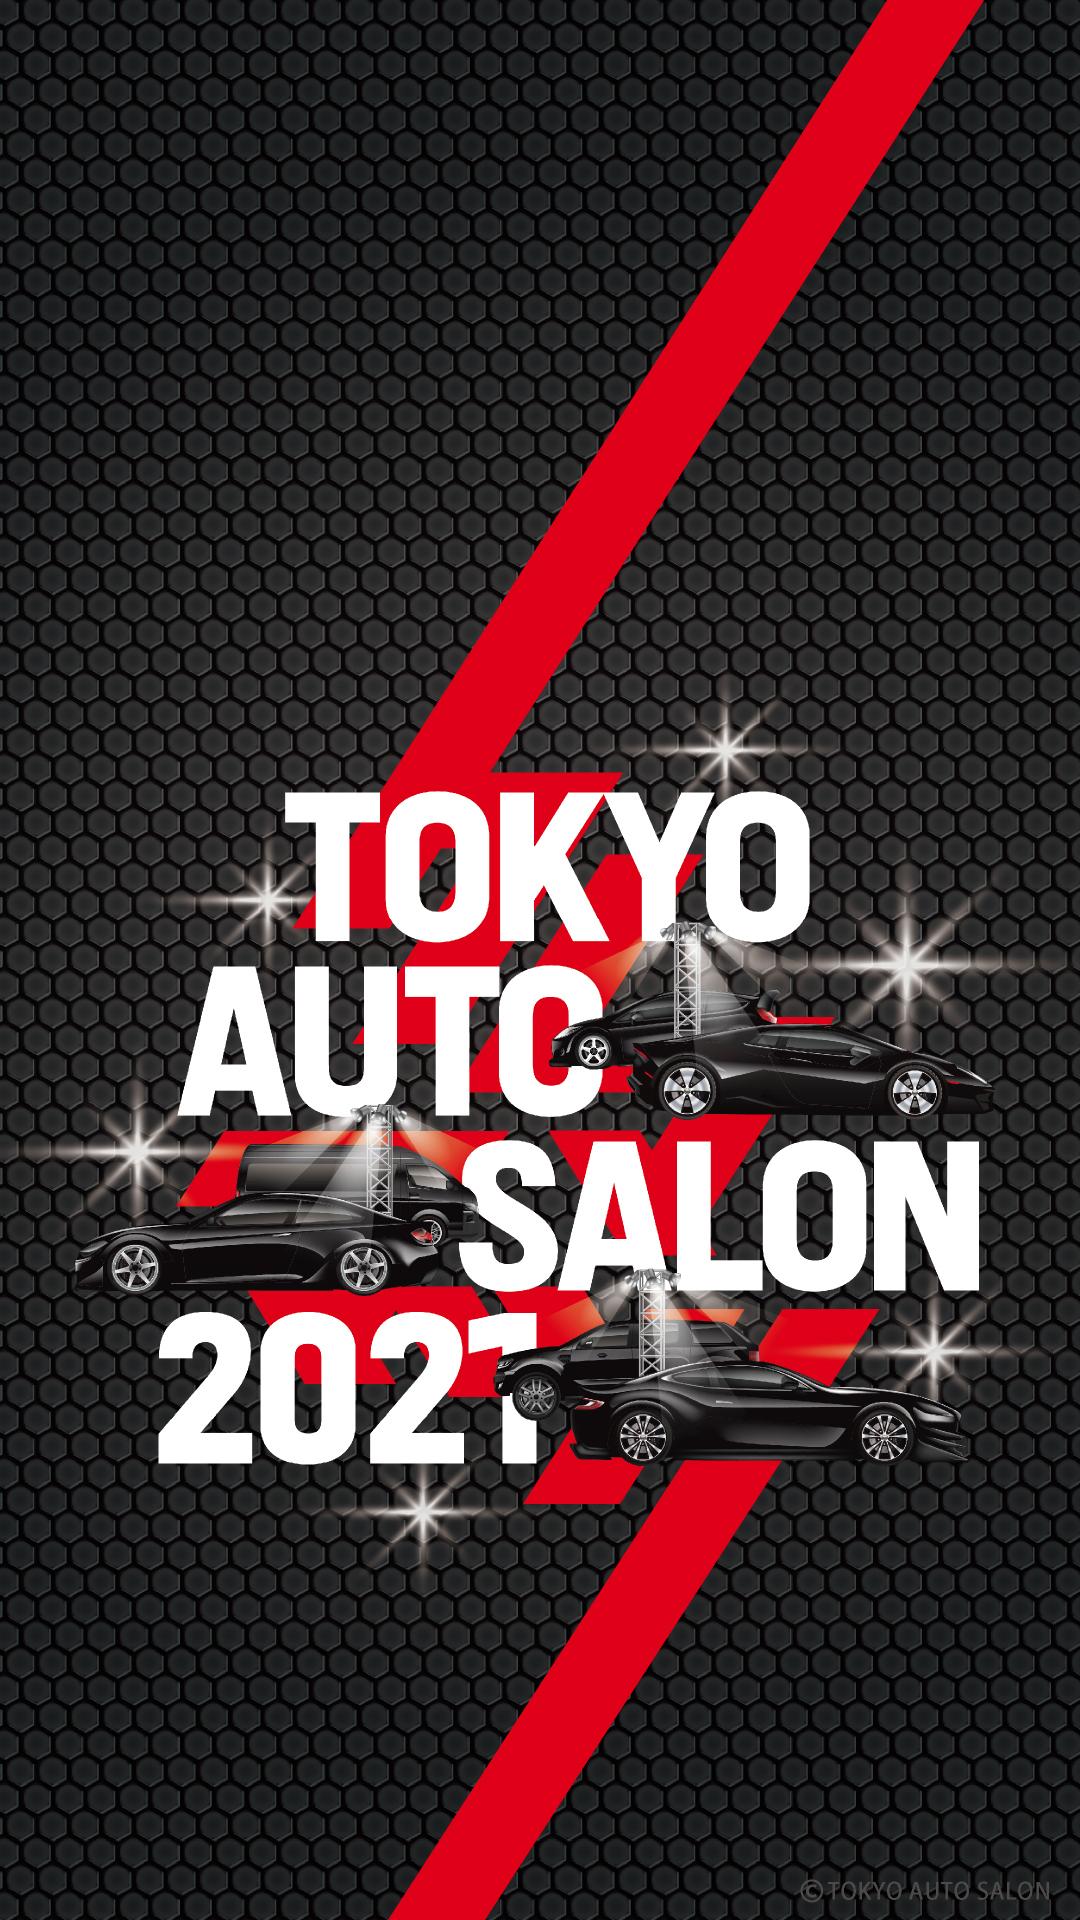 東京オートサロン2021 キービジュアルのスマートフォン用壁紙